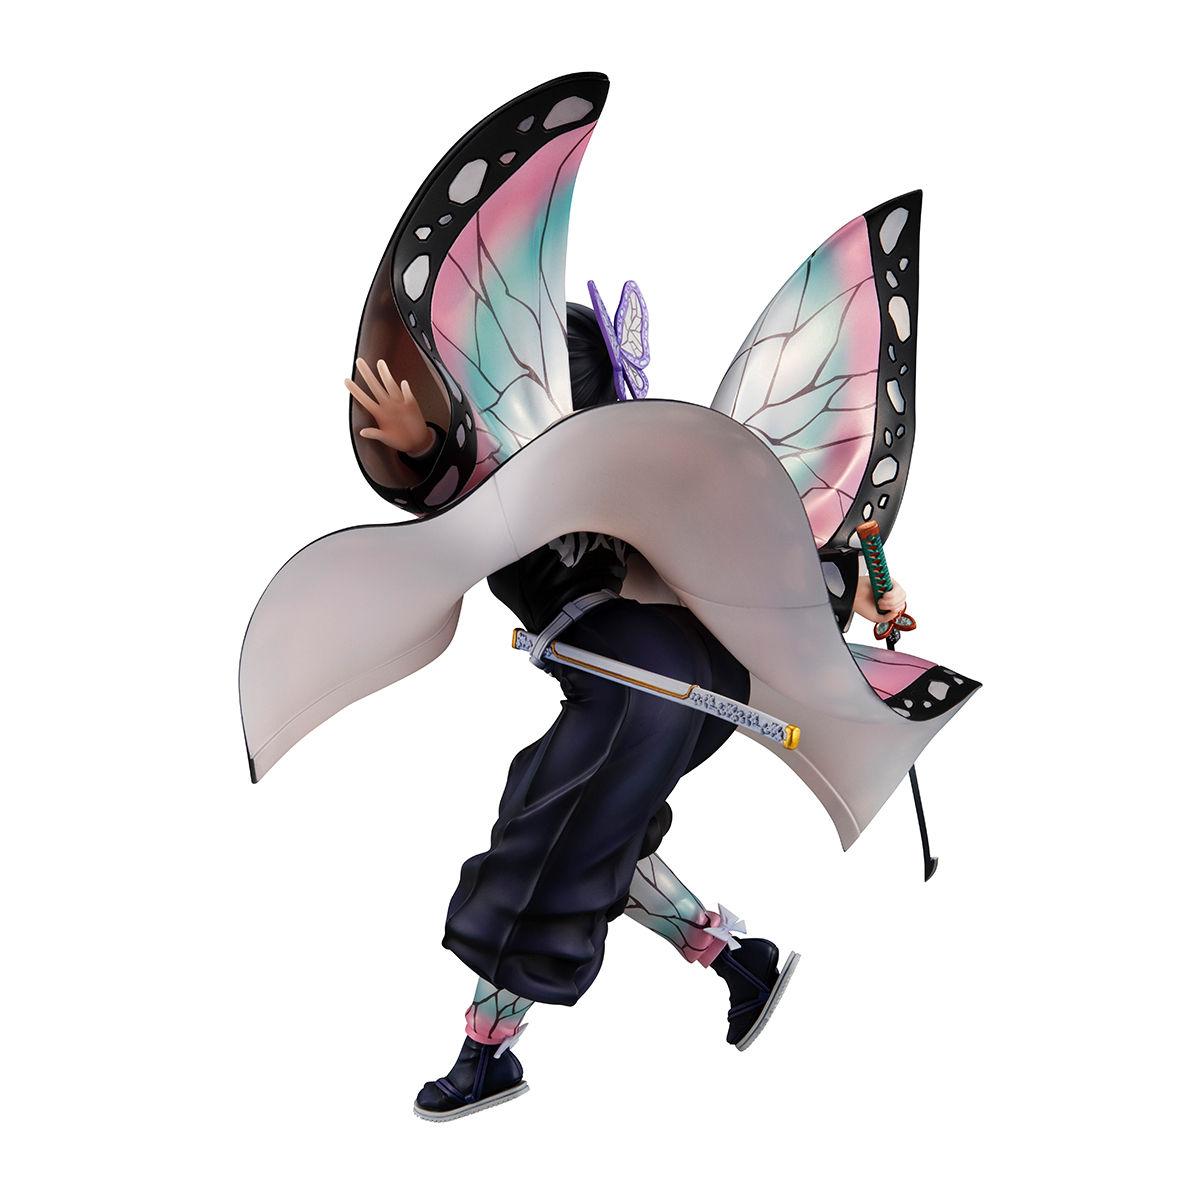 【限定販売】ギャルズシリーズ『胡蝶しのぶ(こちょう しのぶ)』鬼滅の刃 完成品フィギュア-005